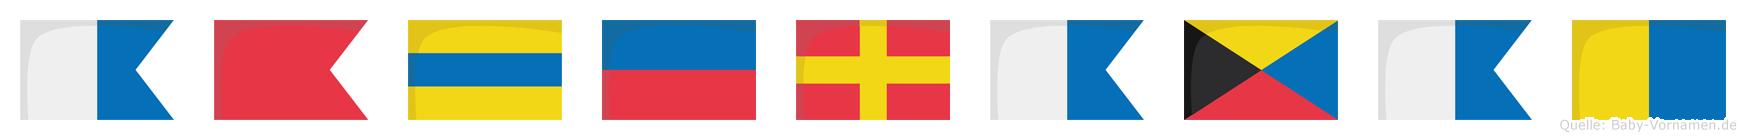 Abderazak im Flaggenalphabet